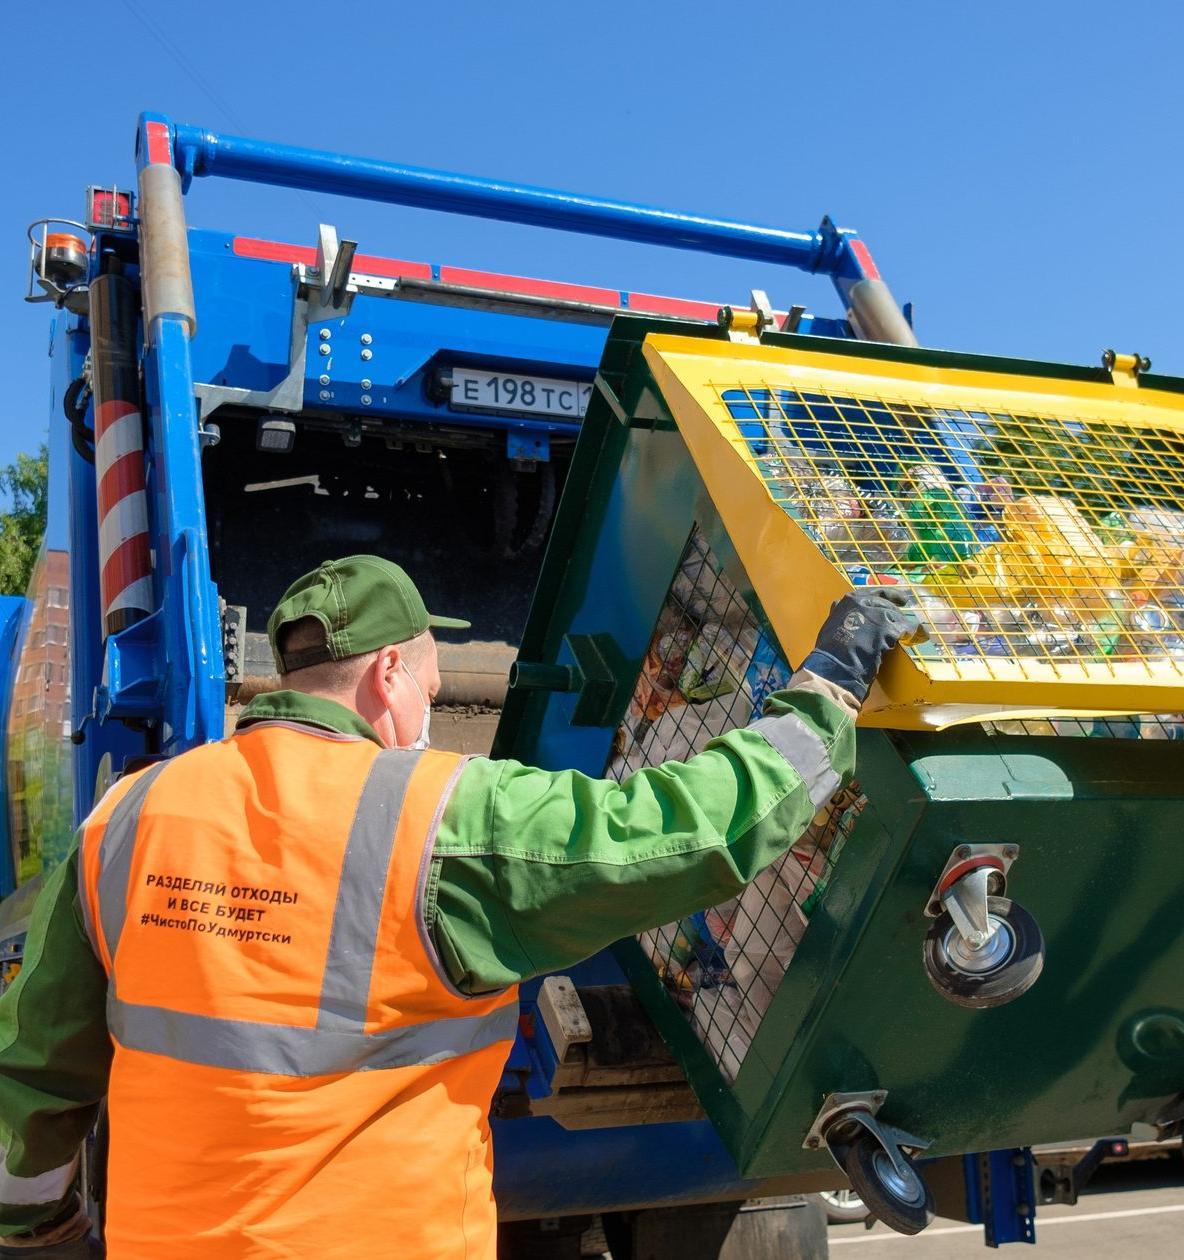 В Удмуртии будут вести трансляцию из мусоровоза для раздельно собранных отходов